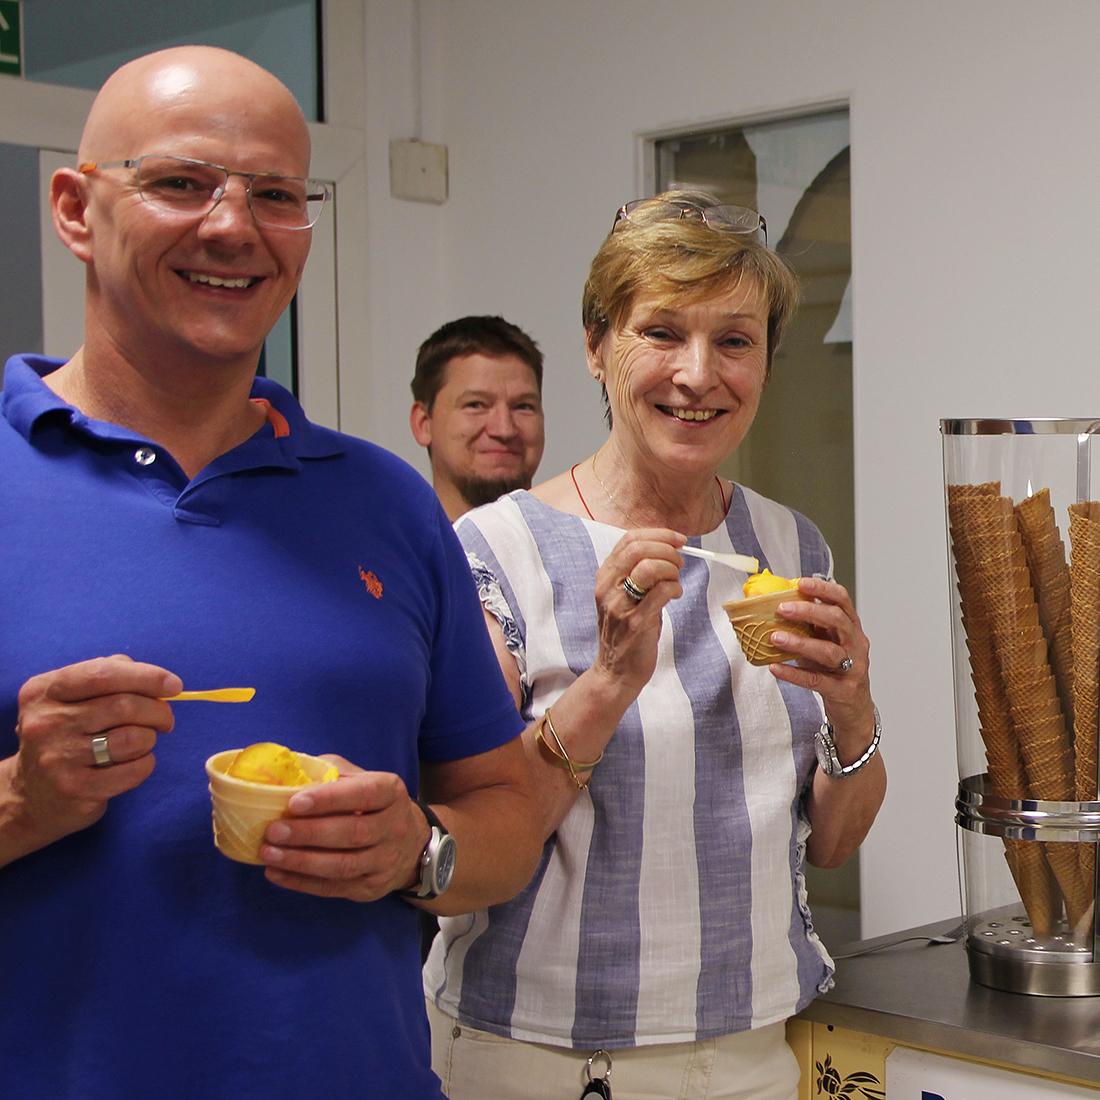 Eine Mitarbeiterin und ein Mitarbeiter von Controlware essen Eis